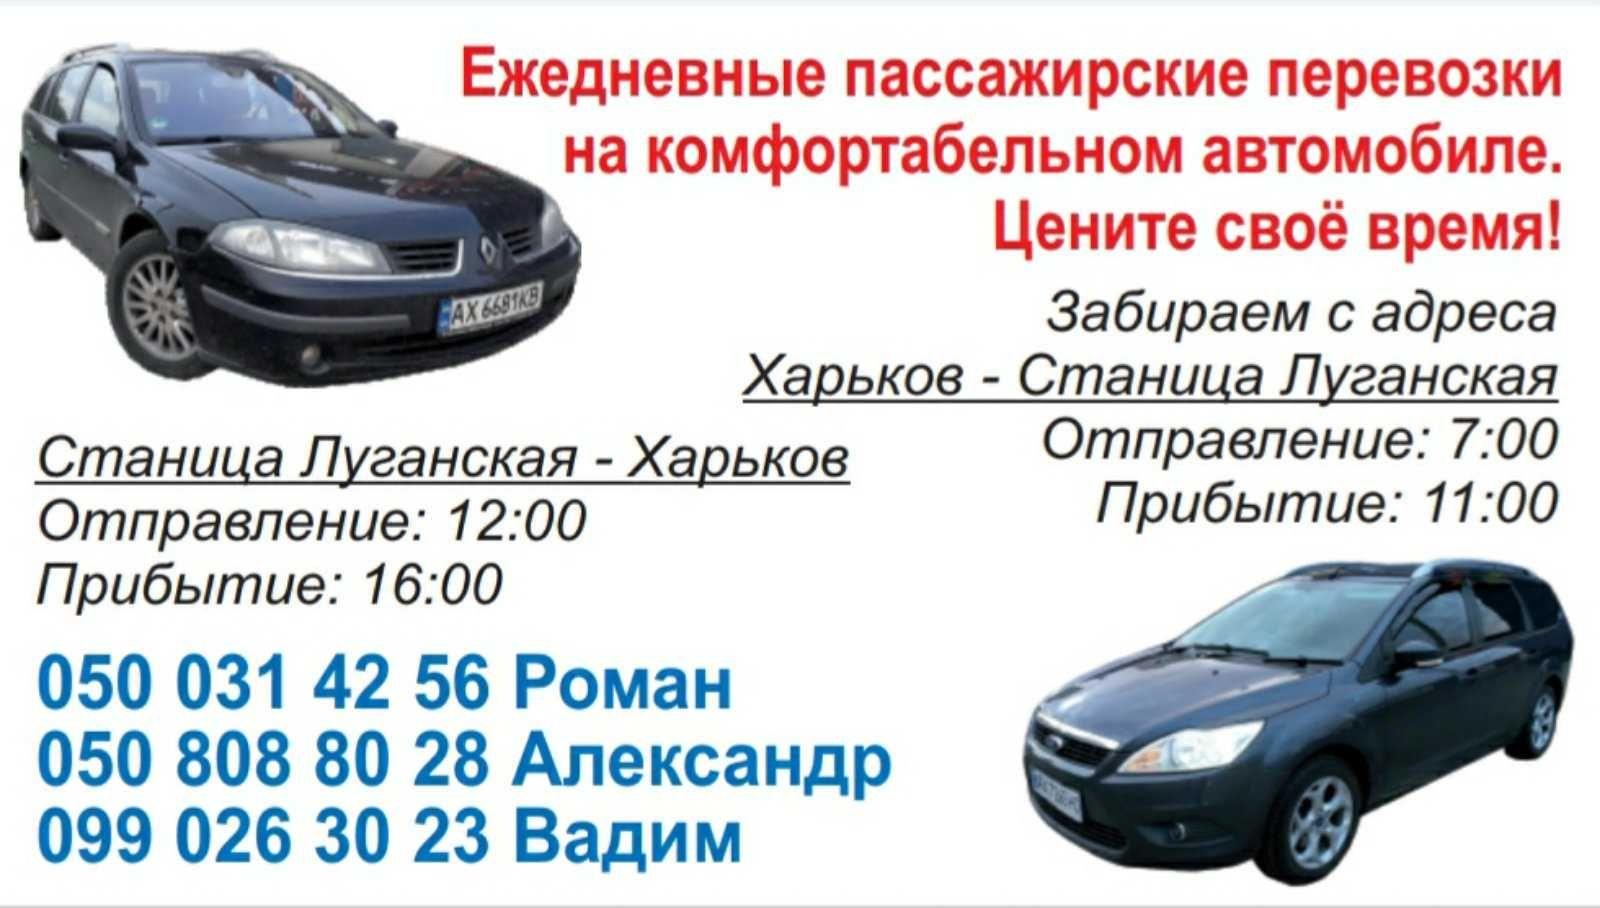 СТАНИЦА-Харьков ежедневно легковым автомобилем